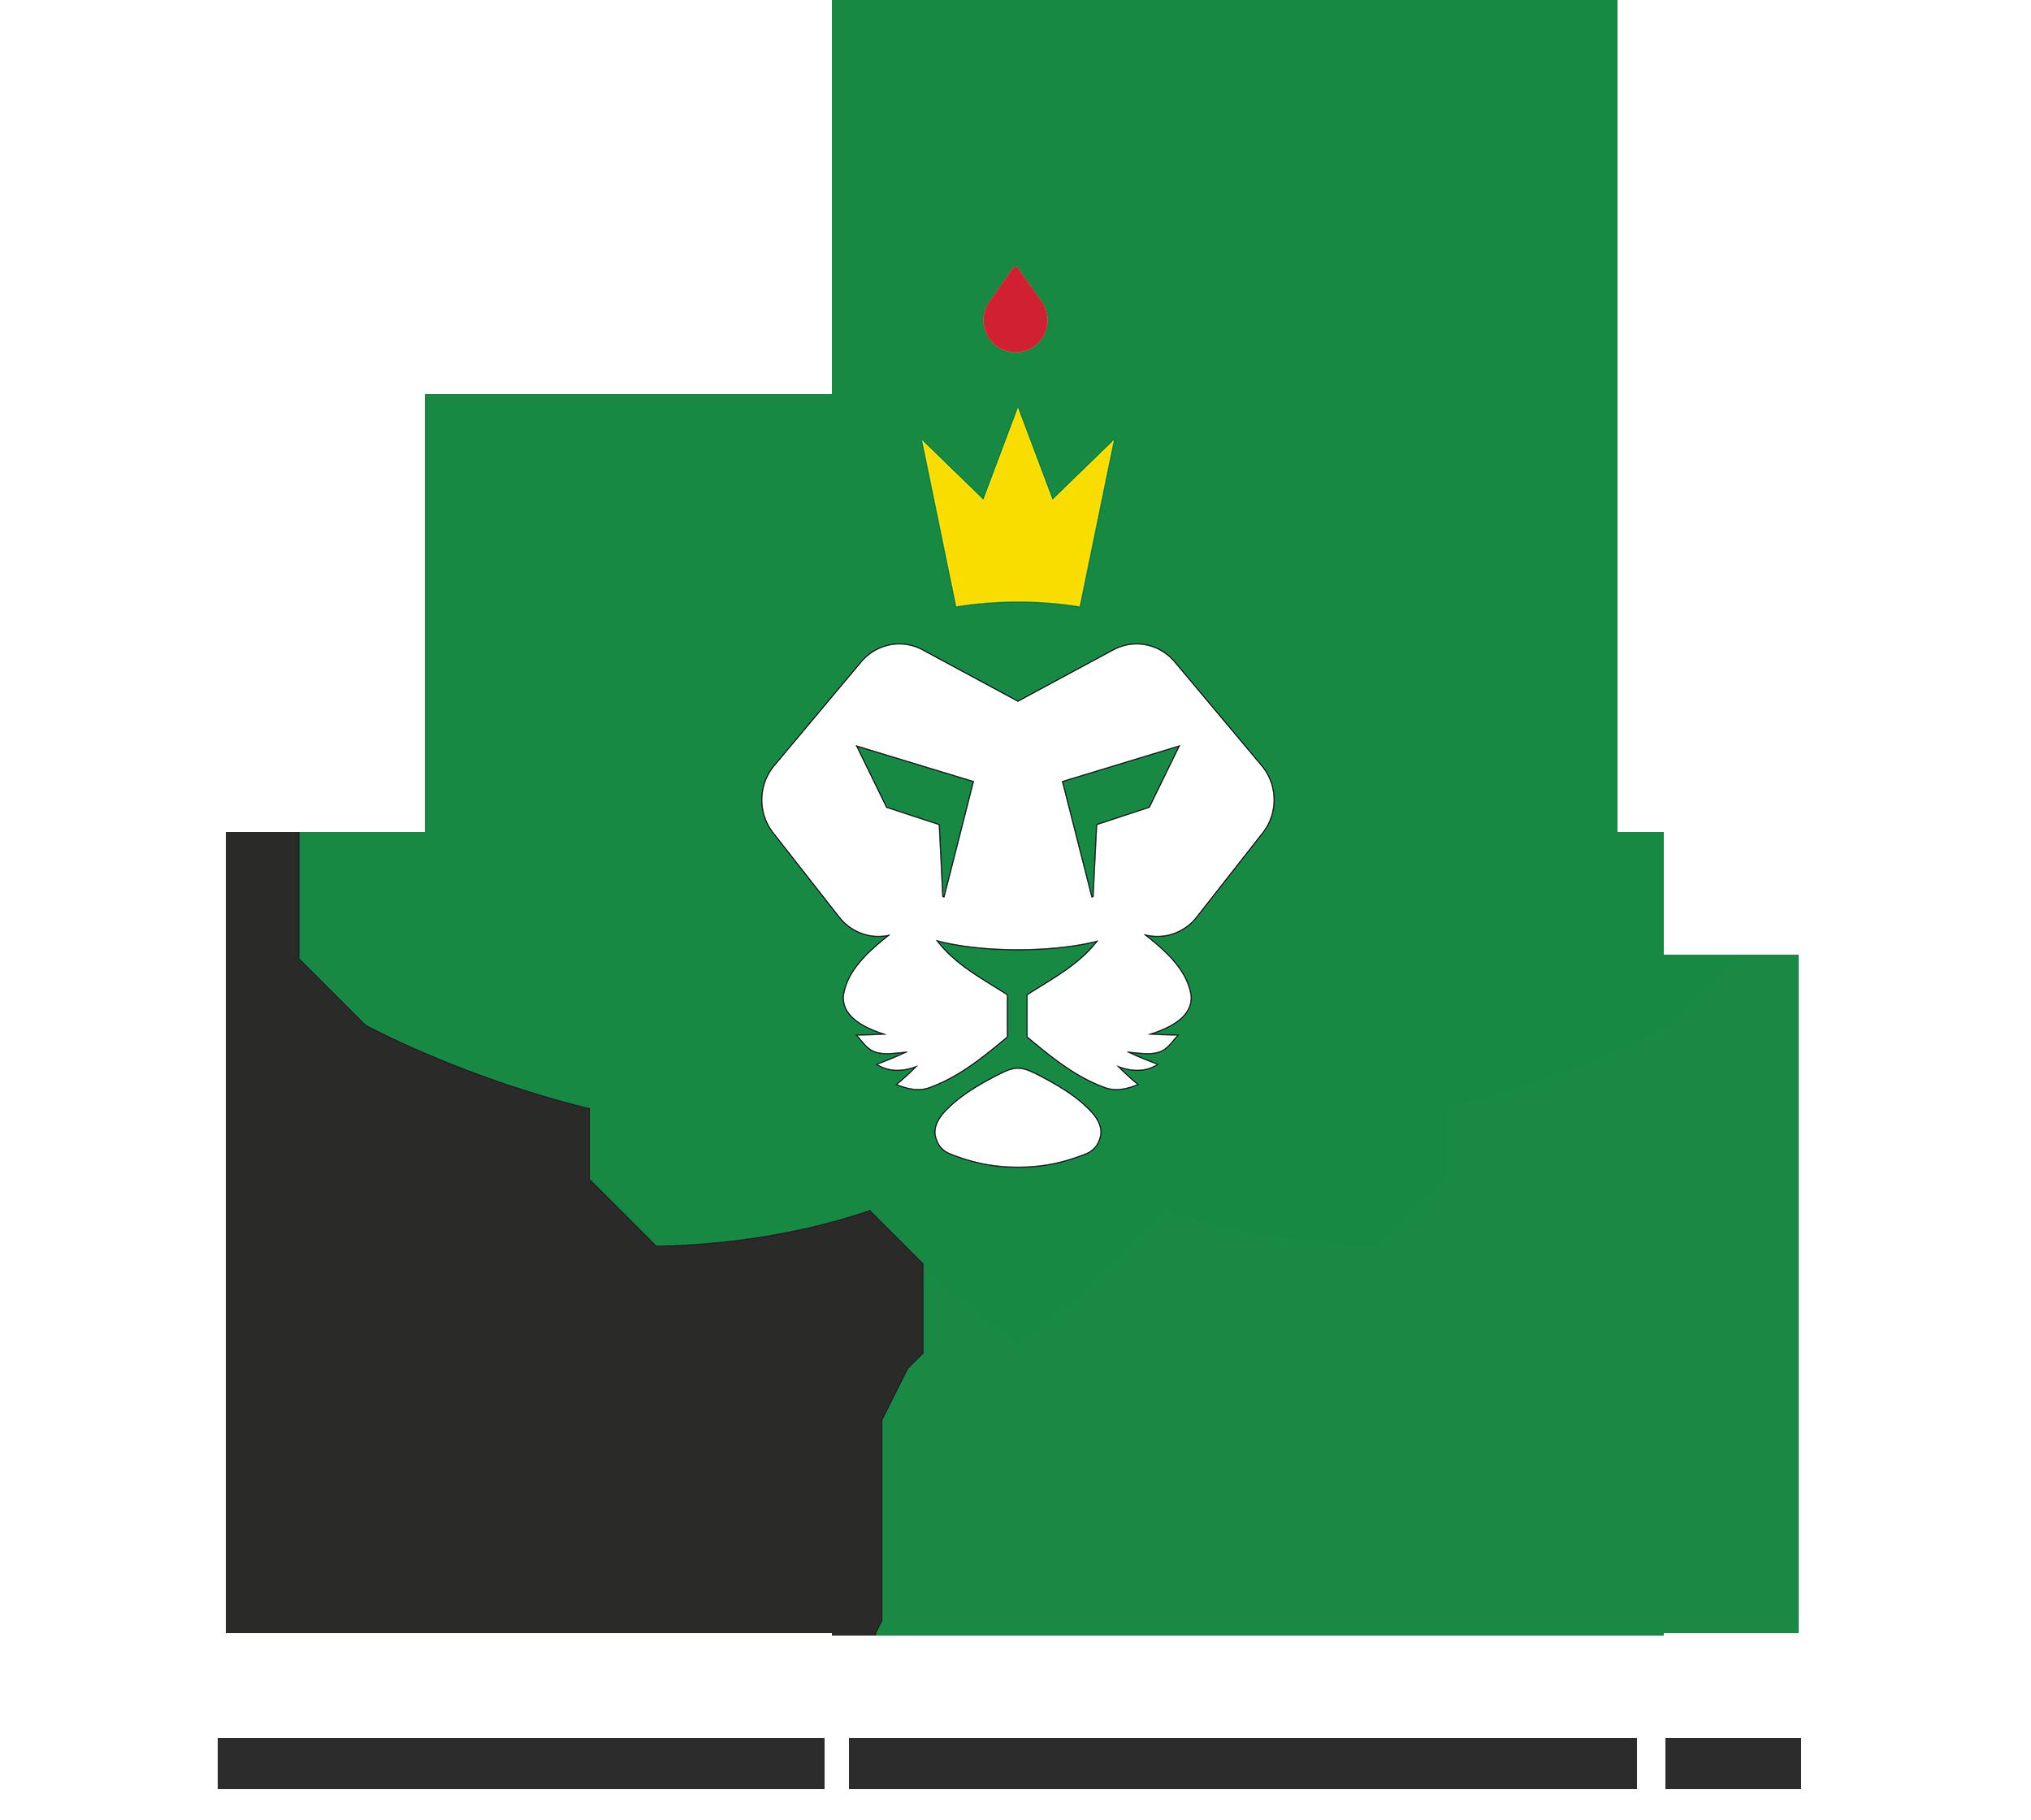 Cannabis logo design company. LOGO for CBD company CBD Rasta.